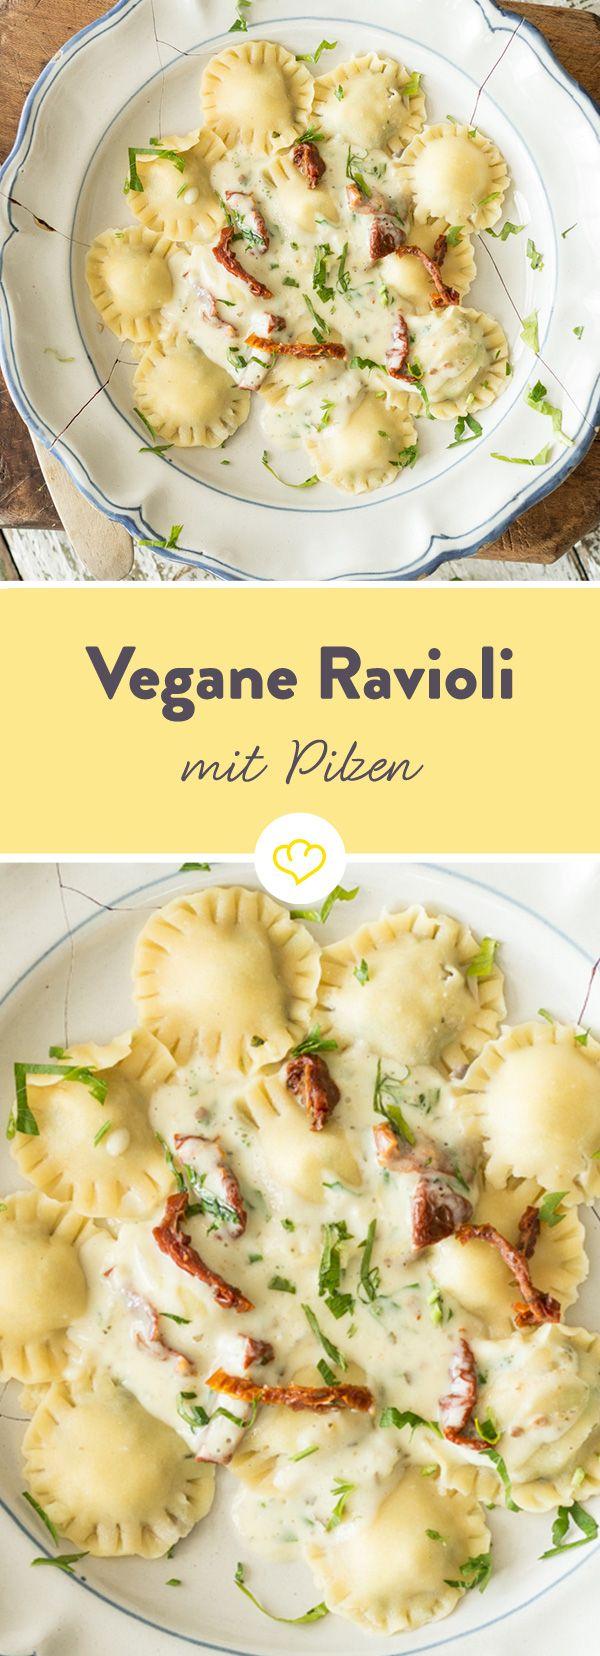 Vegane Ravioli mit Pilzfüllung und Knoblauch-Tomaten-Sauce